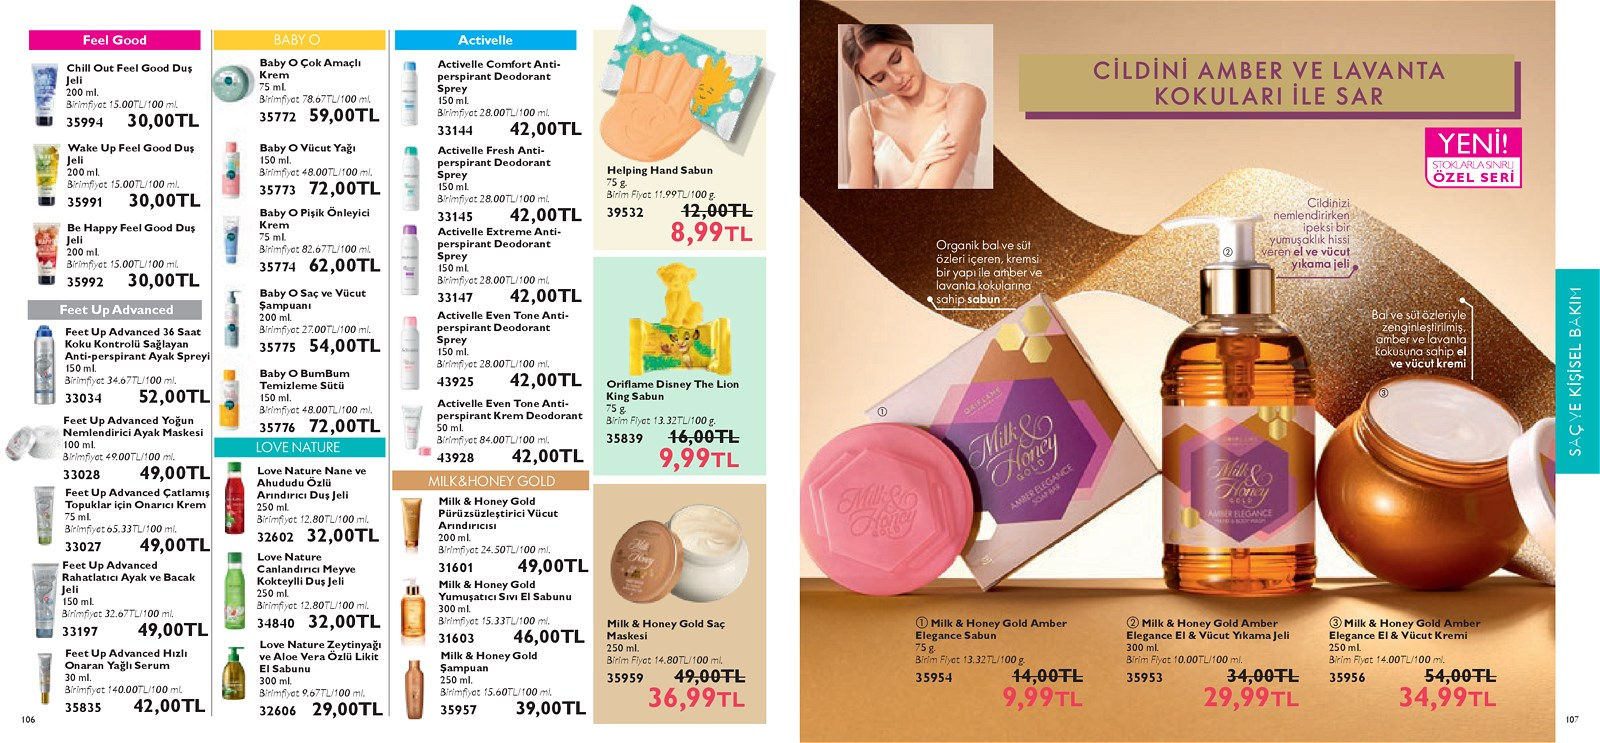 01.06.2021 Oriflame broşürü 54. sayfa